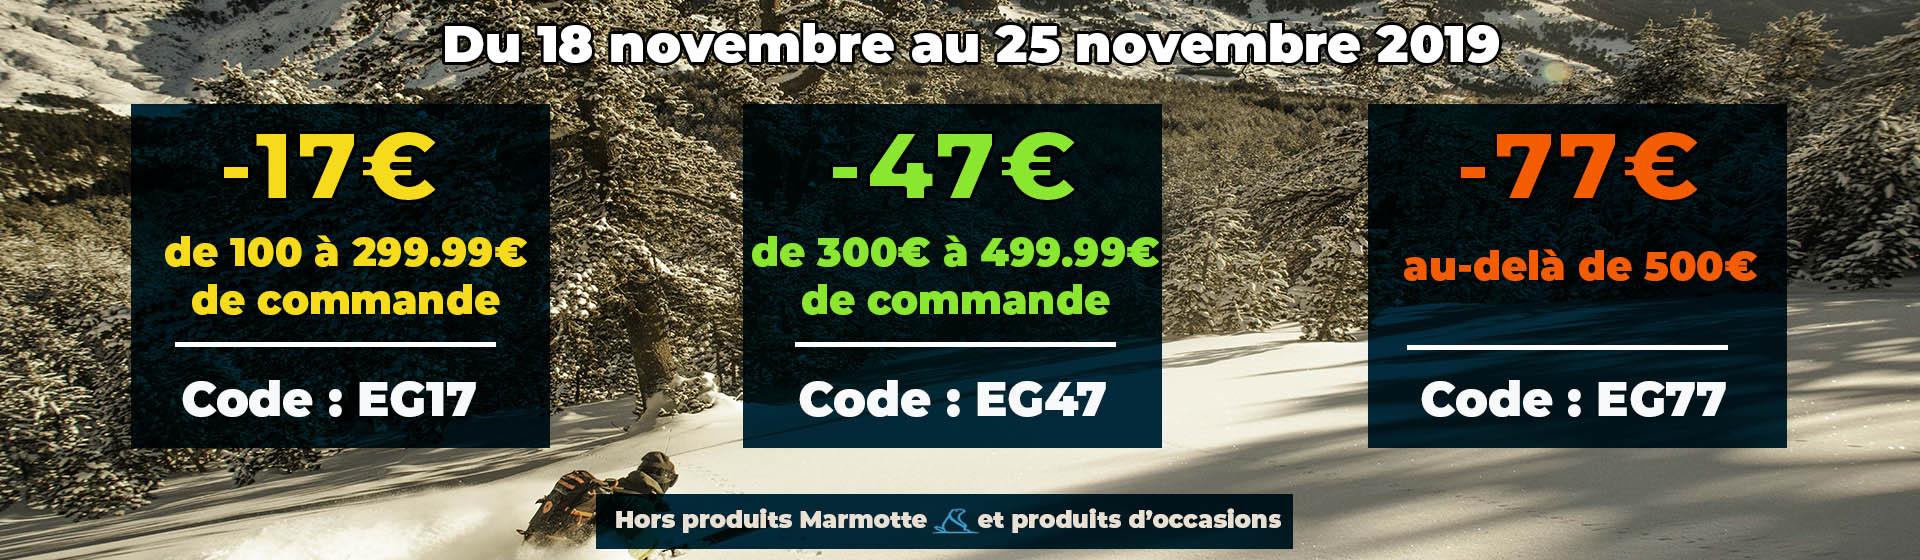 Jusqu'à -77€ sur votre commande du 18 au 25 novembre 2019